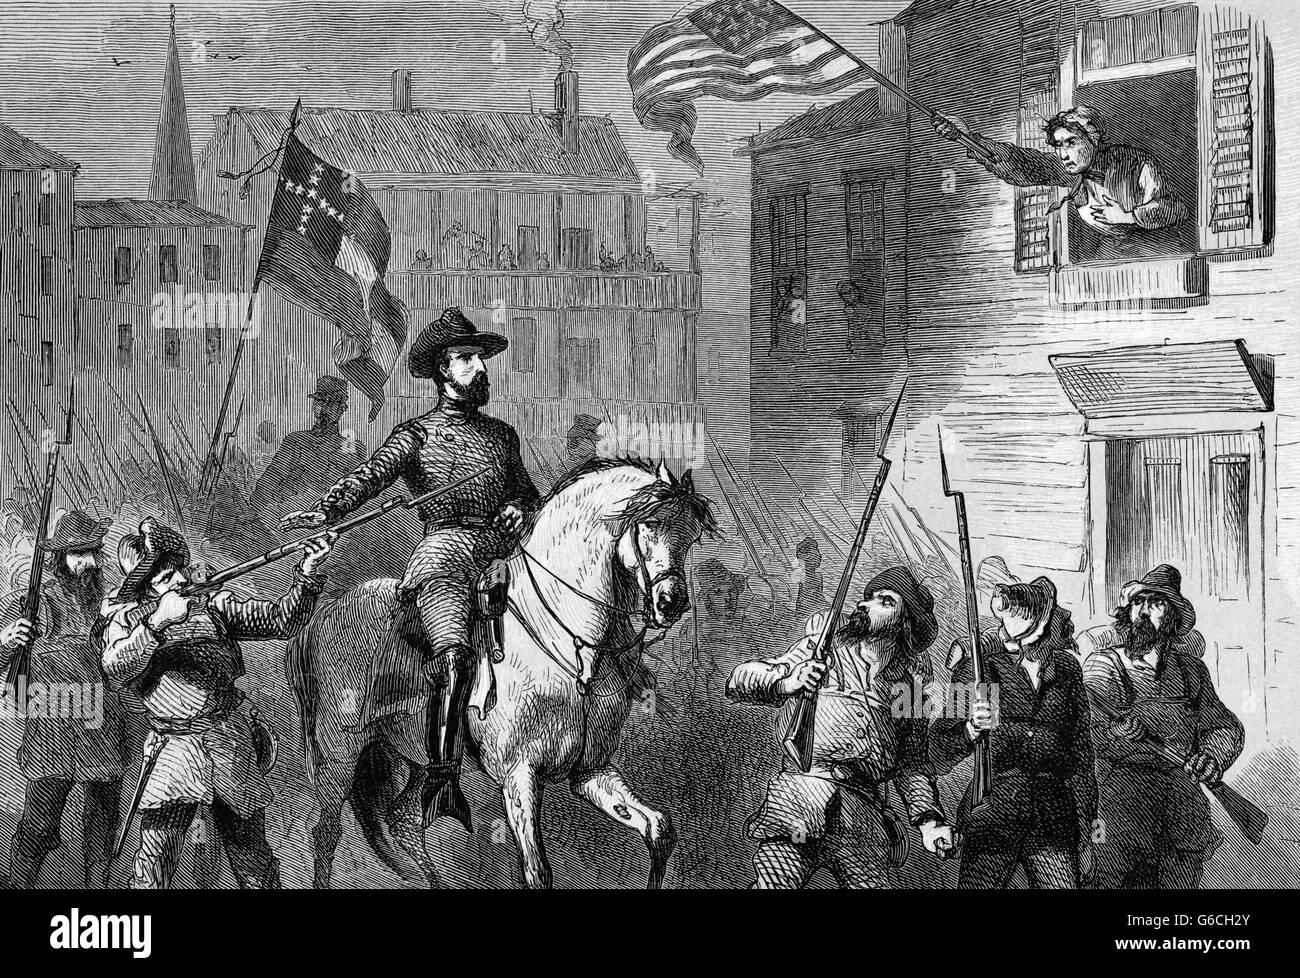 1860ER JAHRE BARBARA FRIETCHIE ALTER VON 90 JAHREN WINKT UNION FEDERAL FLAG AS KONFÖDERIERTEN TRUPPEN UNTER Stockbild